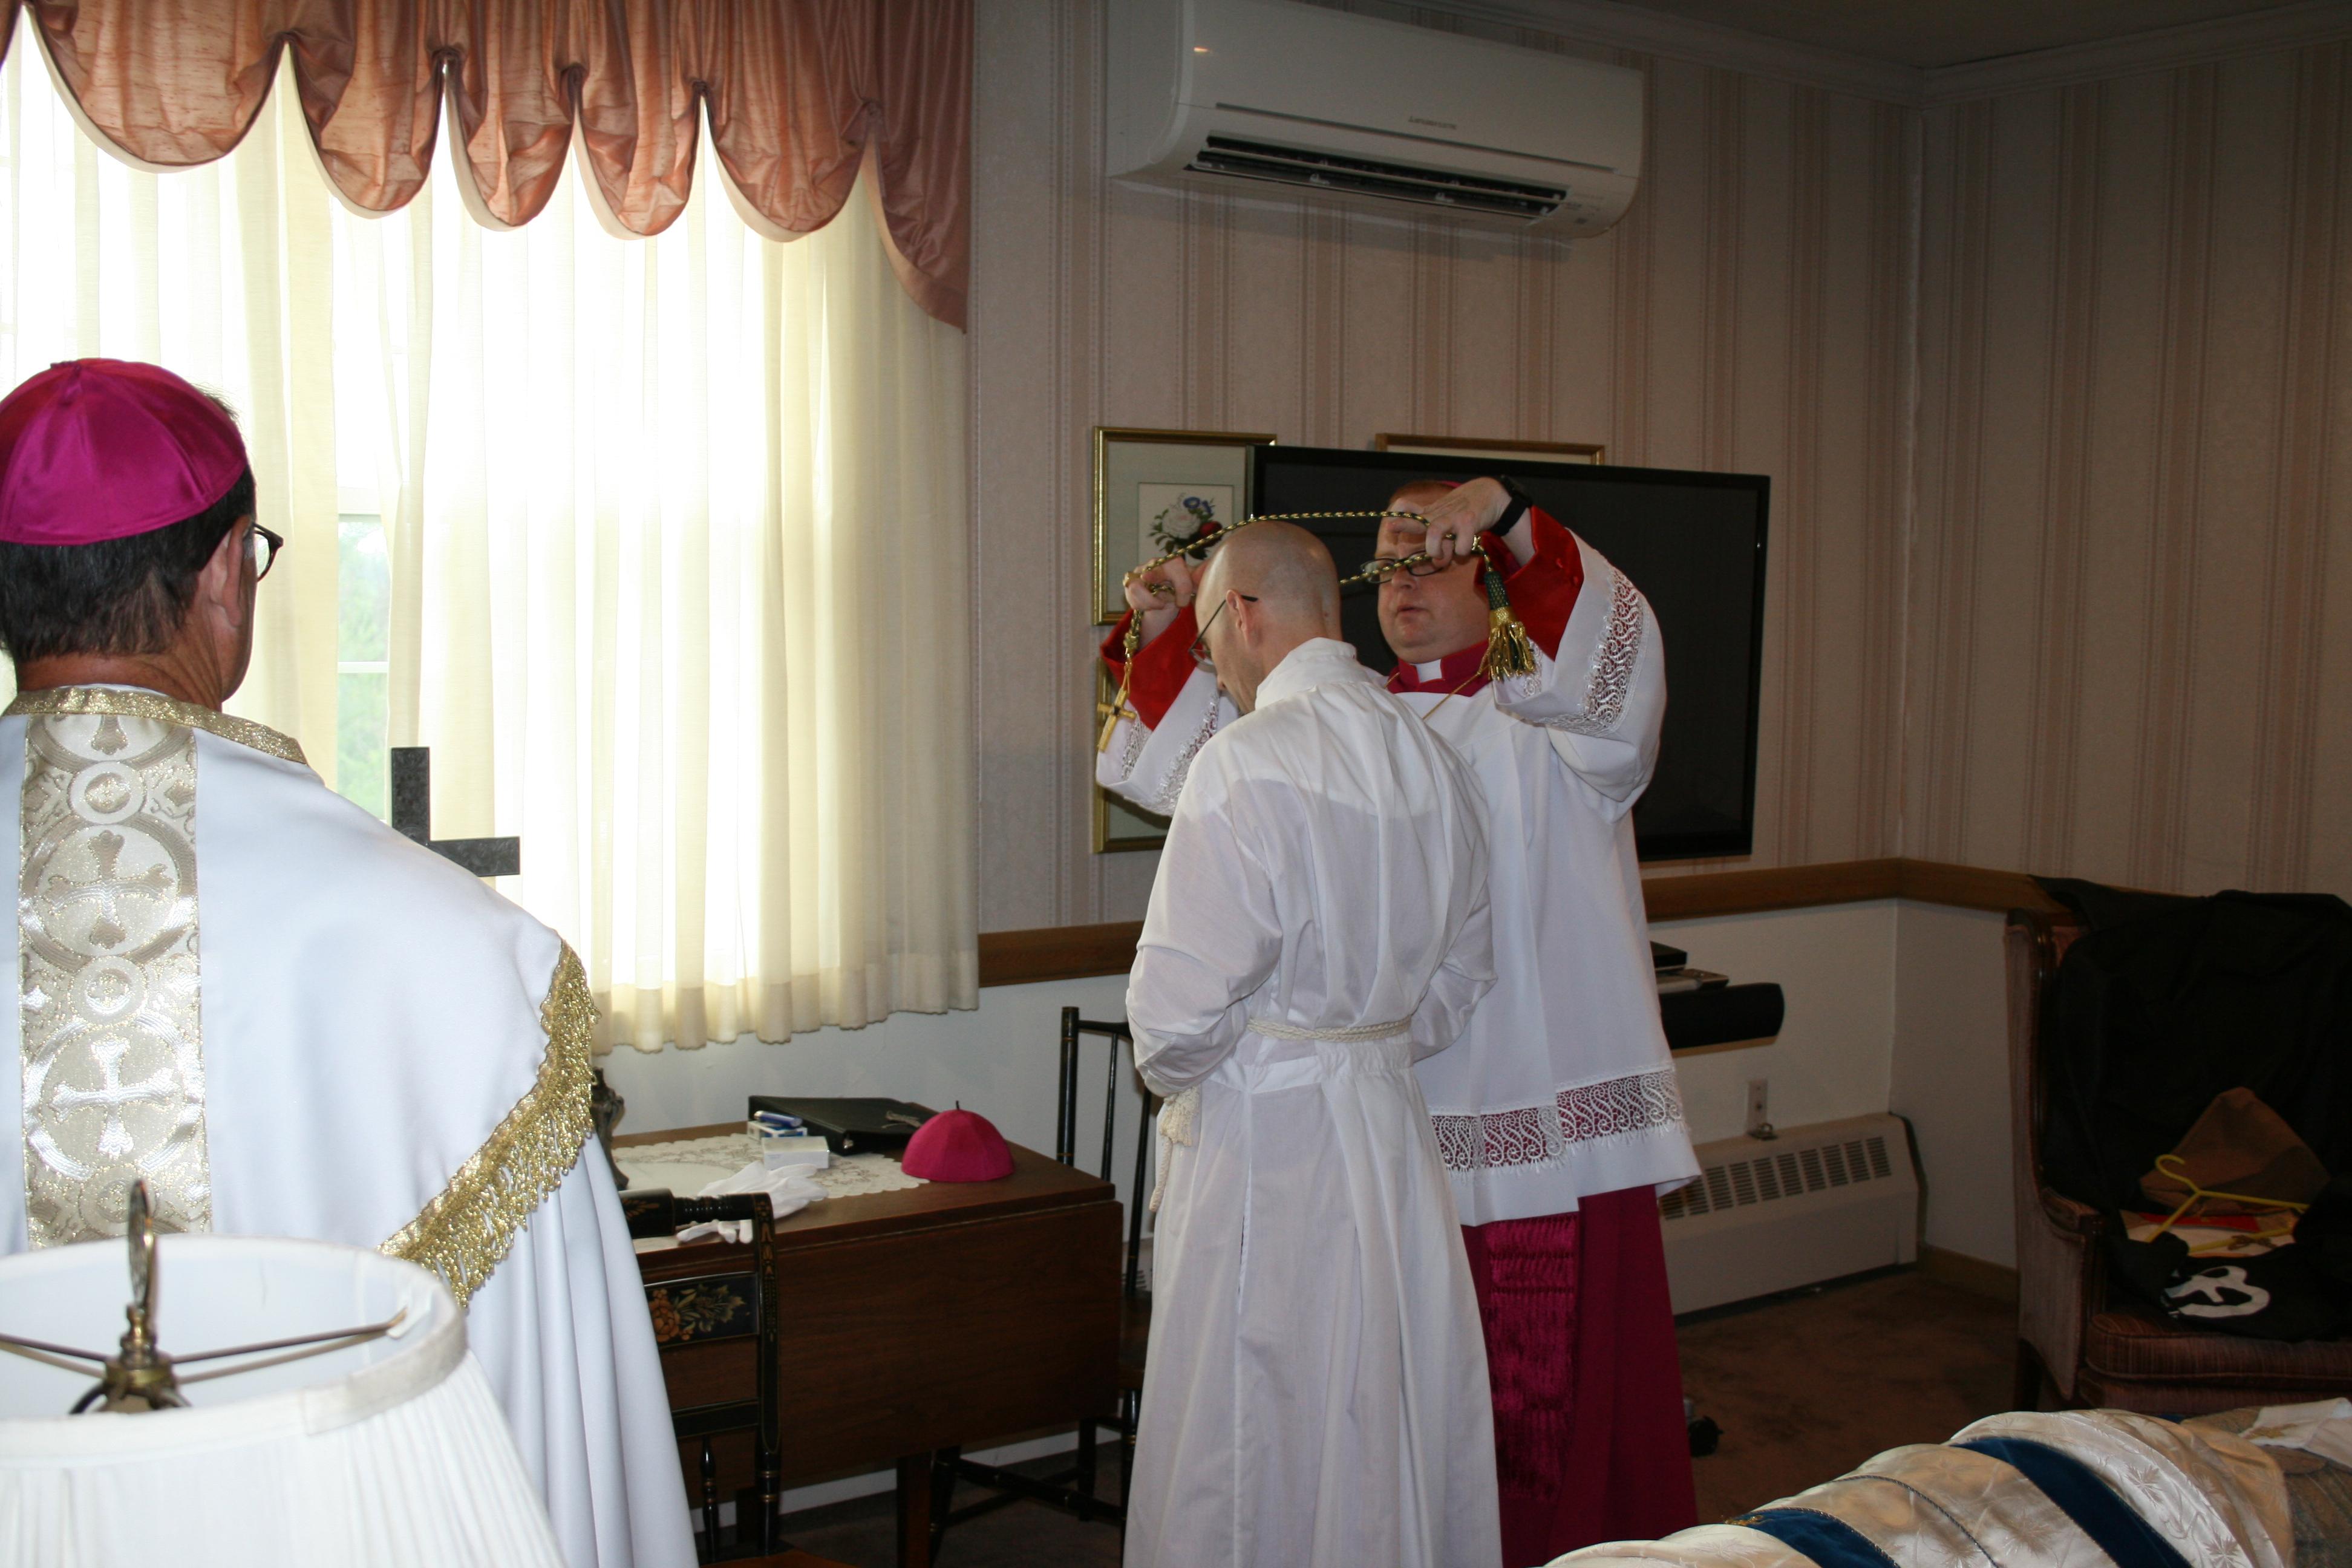 Bishop-elect vesting